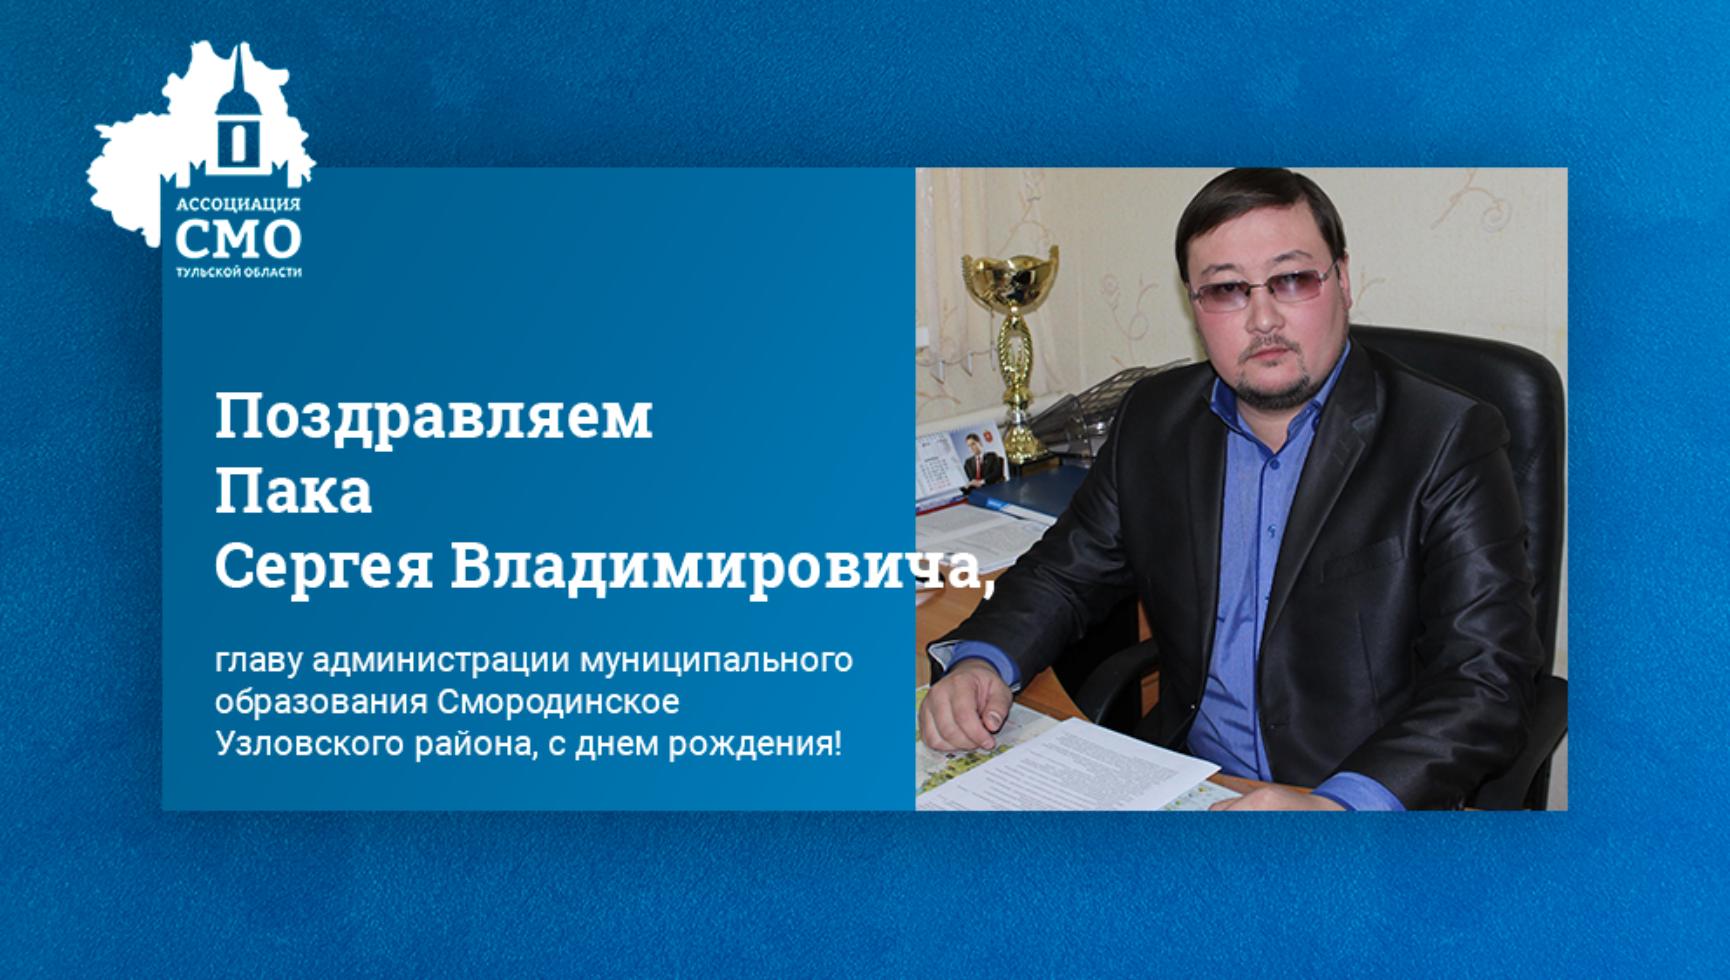 Поздравляем Пака Сергея Владимировича, главу администрации муниципального образования Смородинское Узловского района, с Днем Рождения!